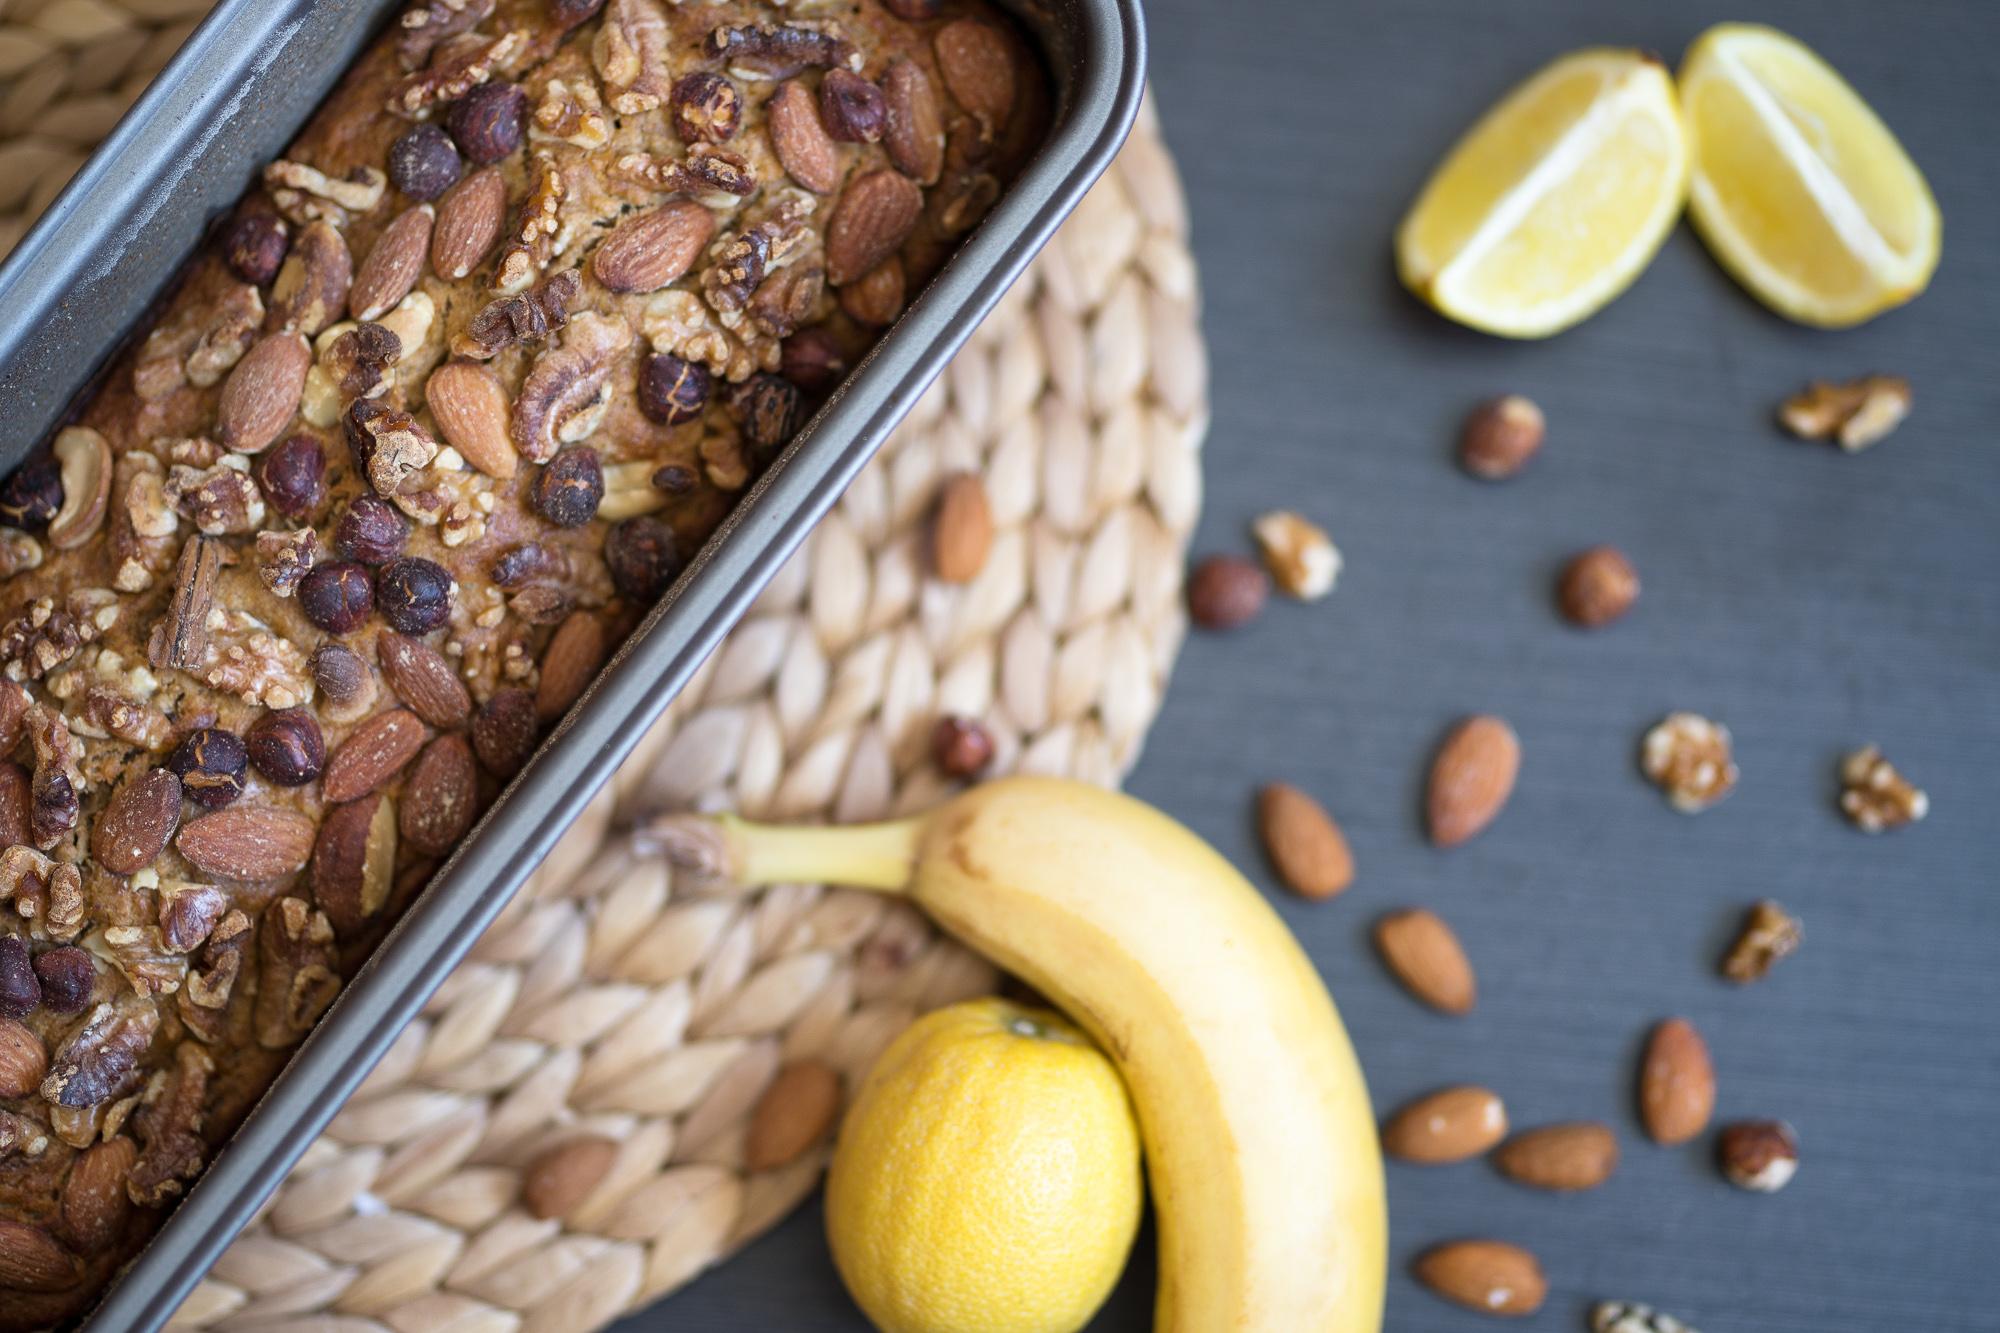 Banánový chlieb sorieškami pre celiatikov, veganov aj bezlaktózových ženuškáreň